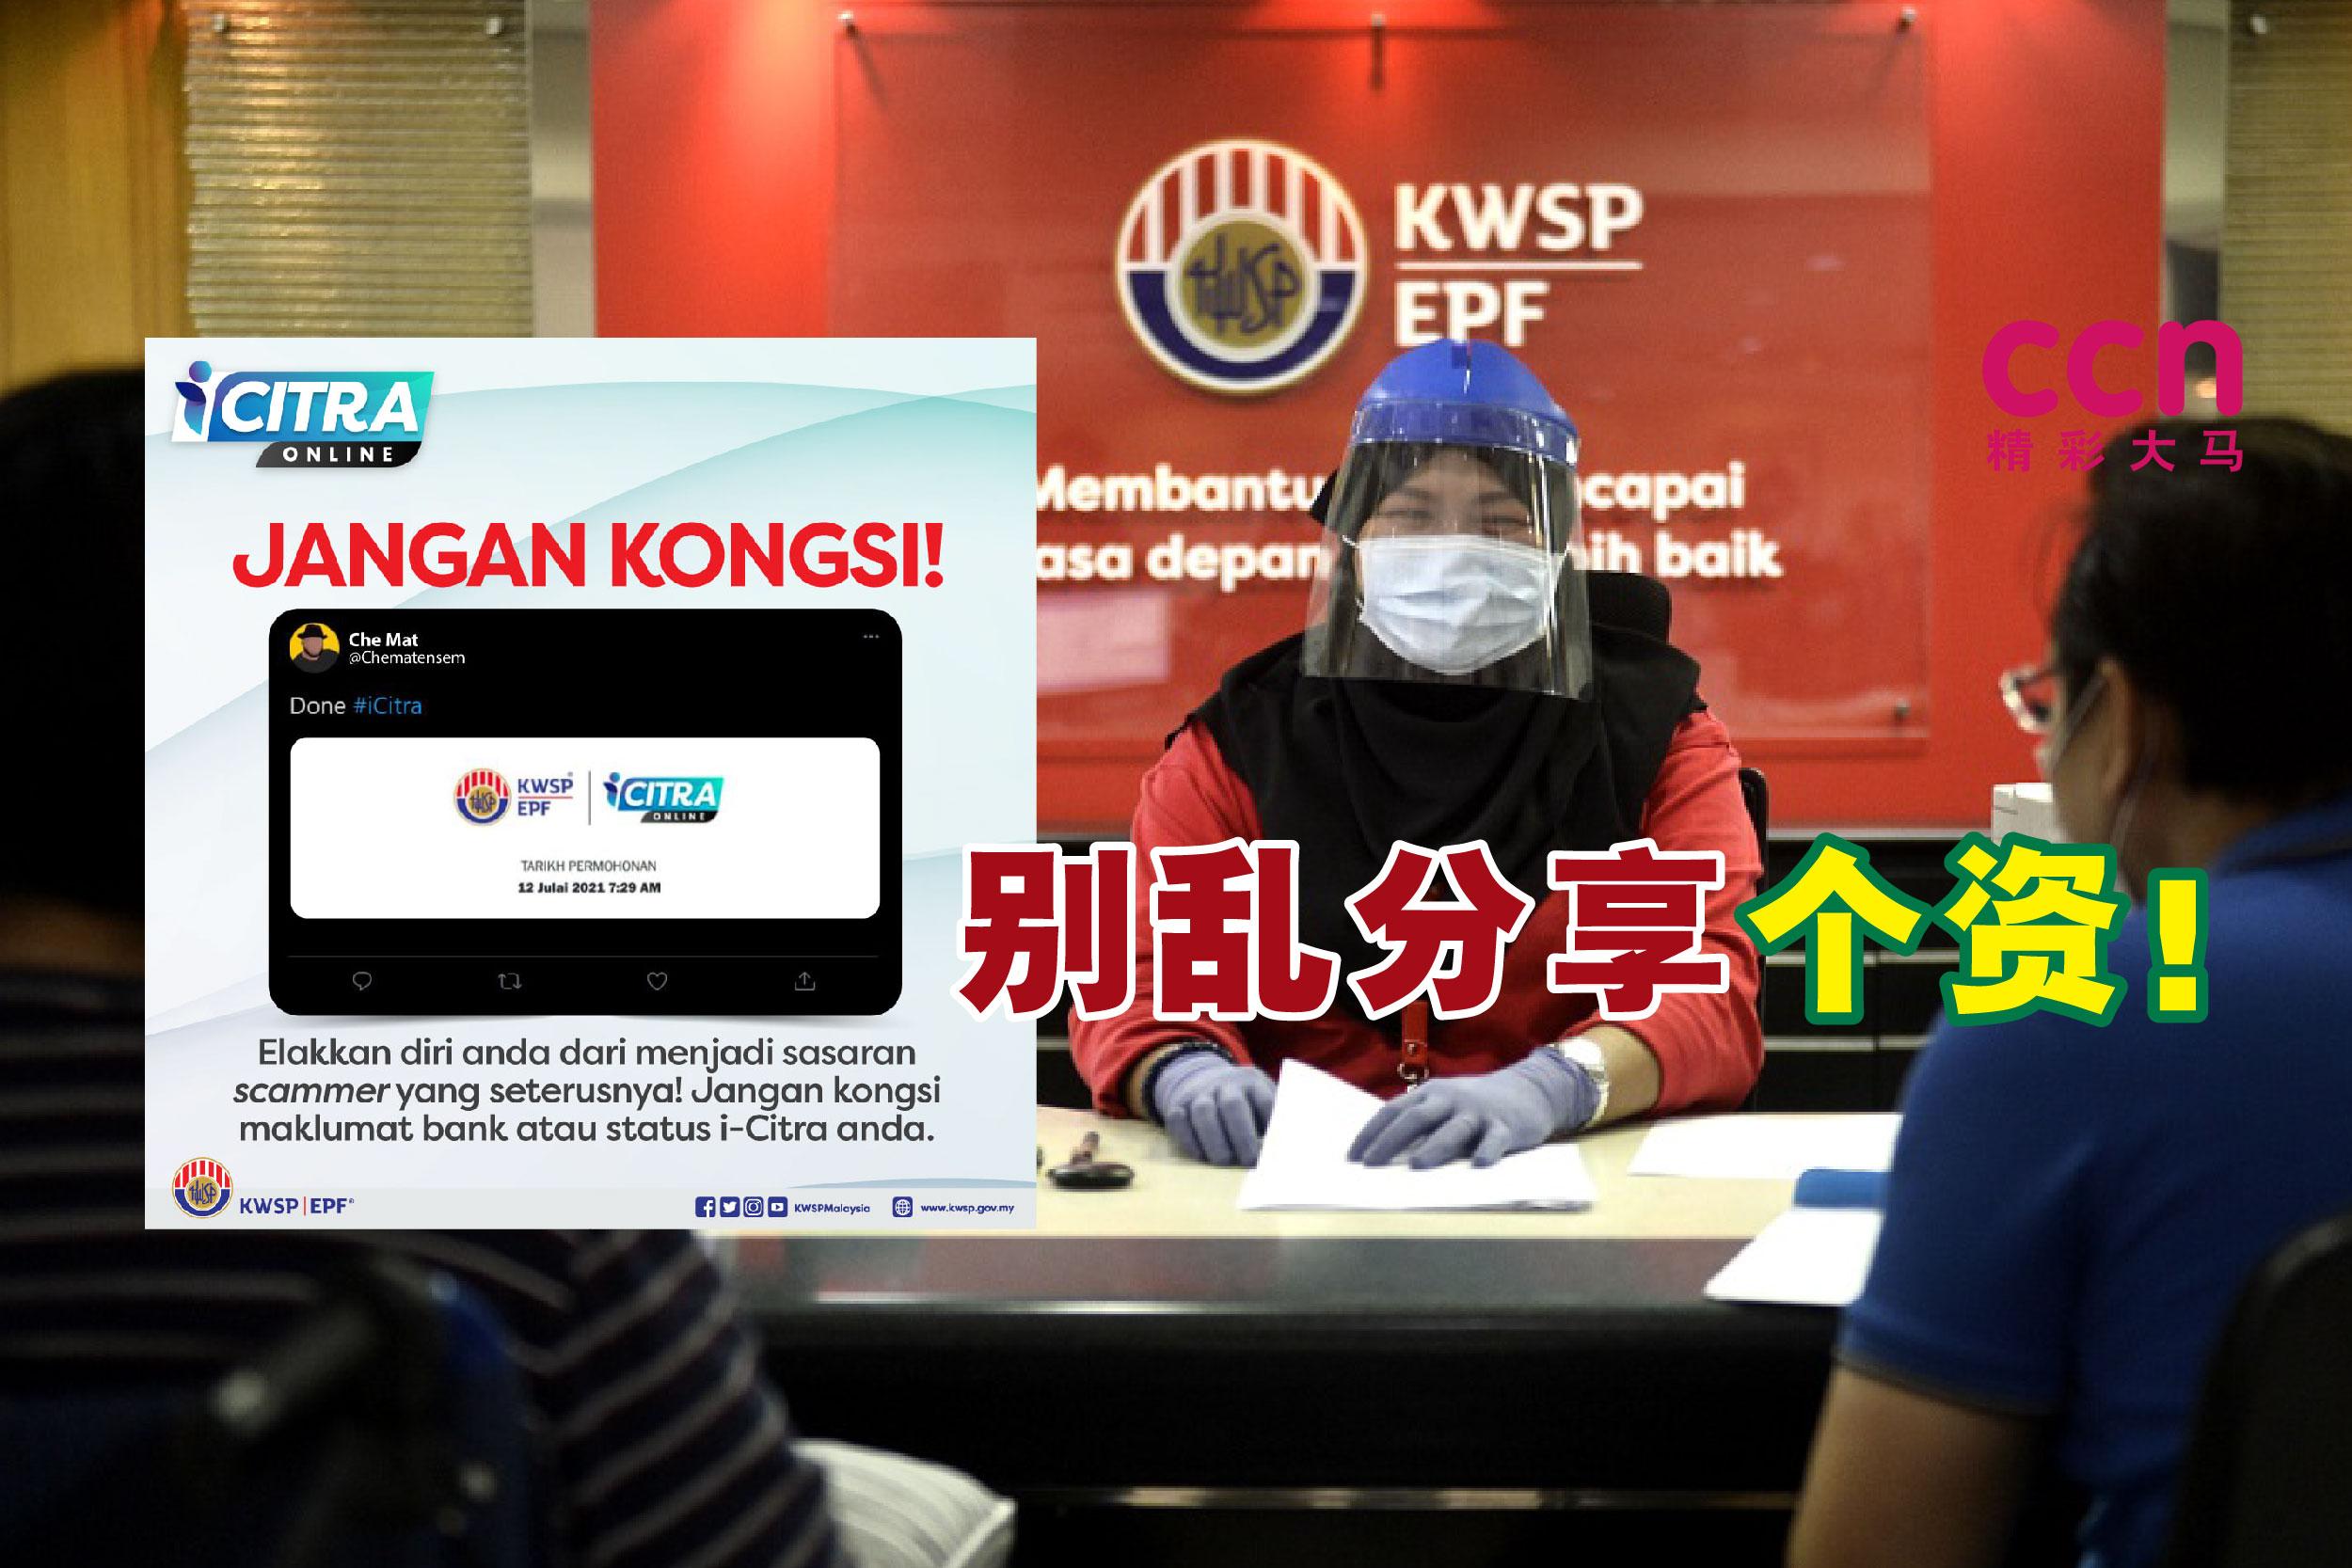 雇员公积金局(KWSP)日前在脸书敦促申请i-Citra提款计划的会员,切勿在任何社交媒体上分享申请状态或银行资料。-精彩大马制图-